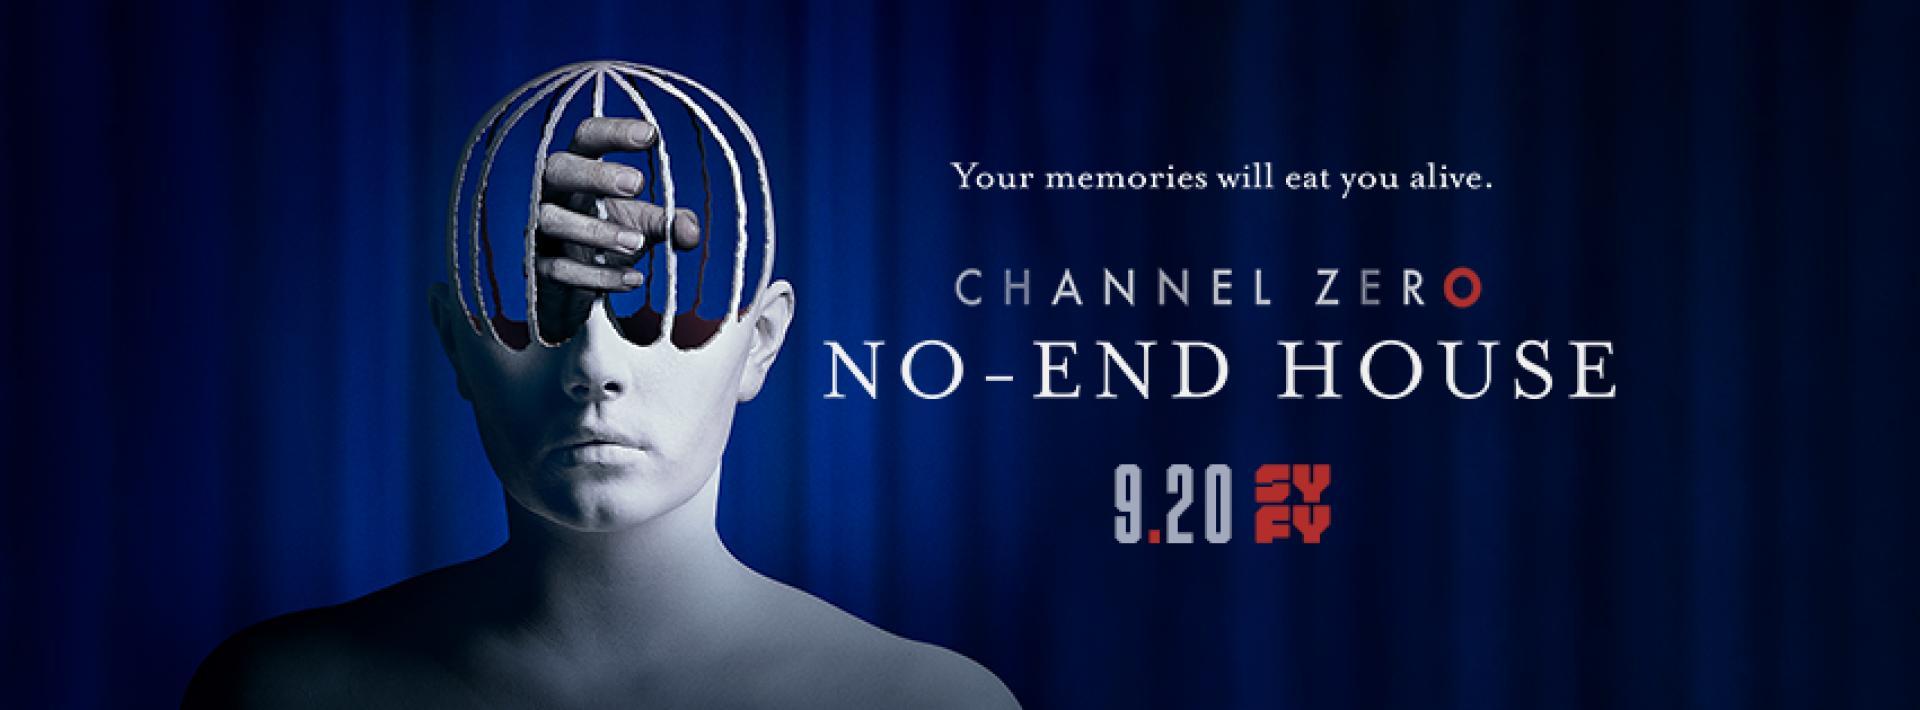 Channel Zero: No-End House értékelése